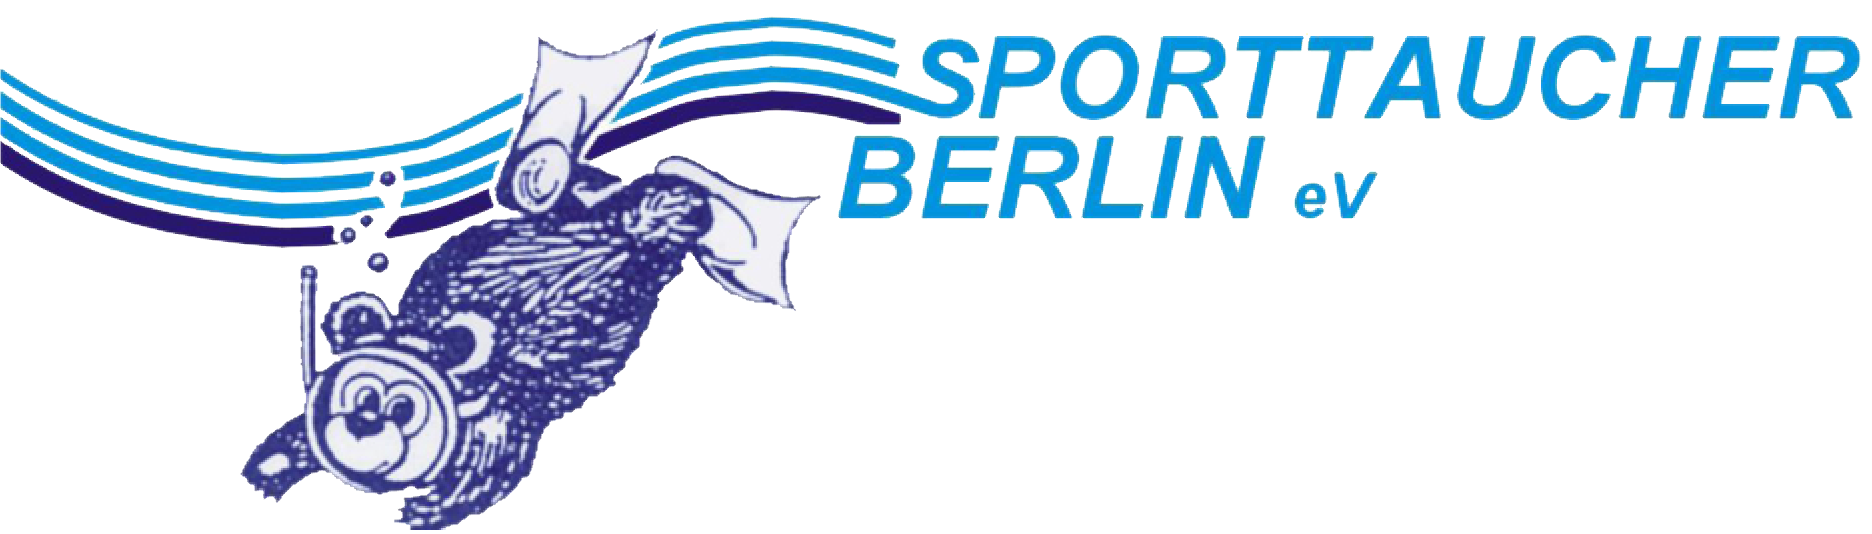 Sporttaucher Berlin e.V.